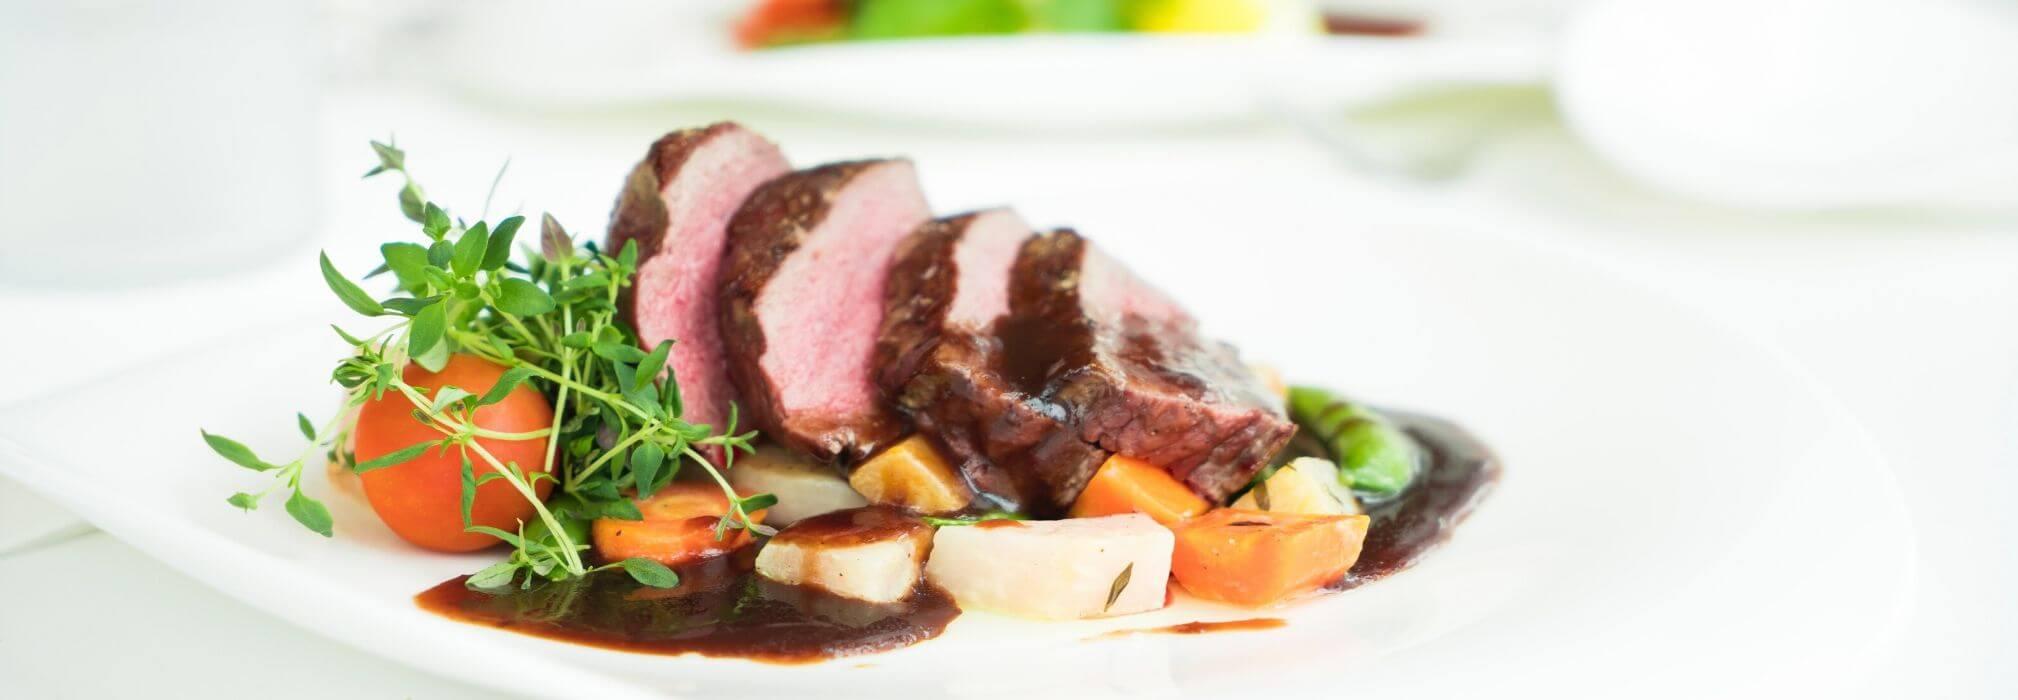 Nachhaltig Fleisch essen